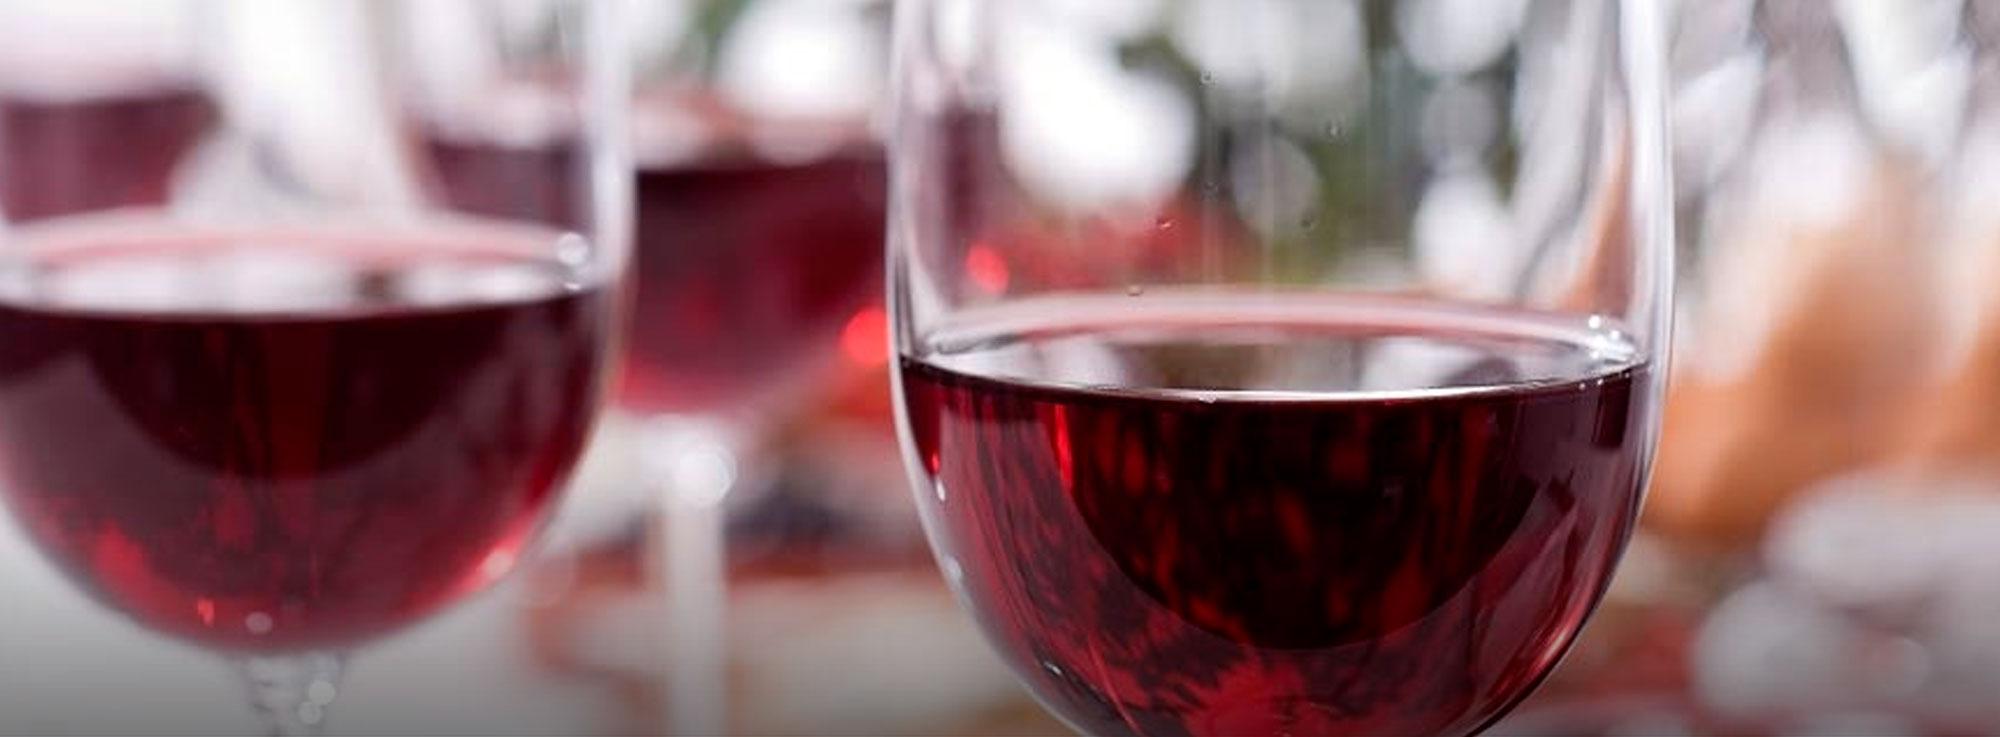 Torremaggiore: Vinaria